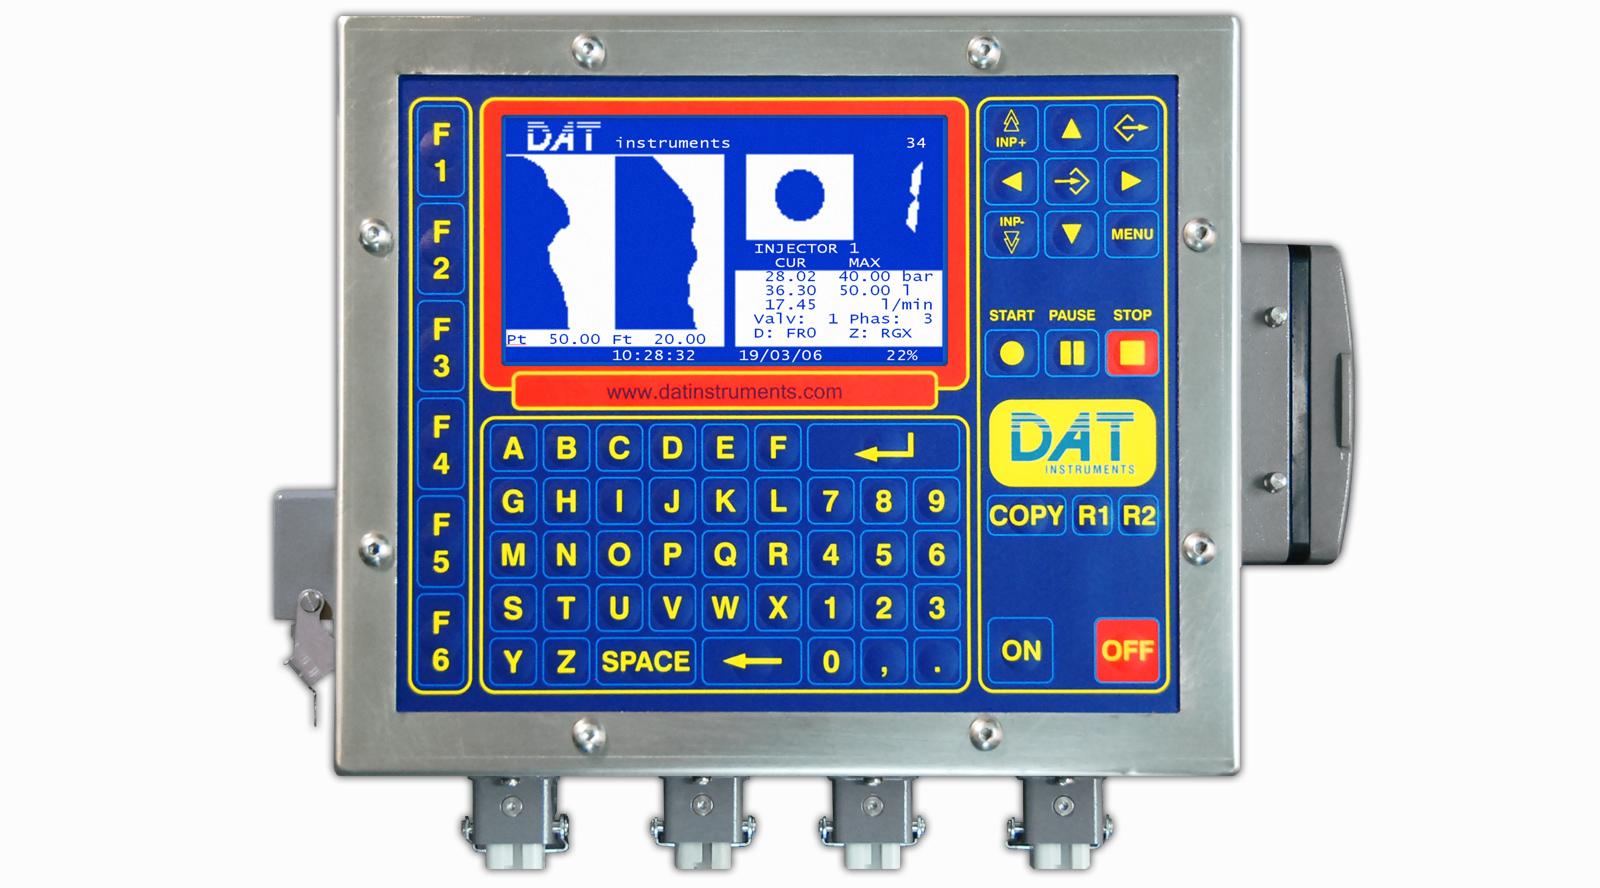 DAT instruments, JET 4000 AME - I, datalogger para Inyecciones de cemento, TAM Grouting, Pruebas Lugeon